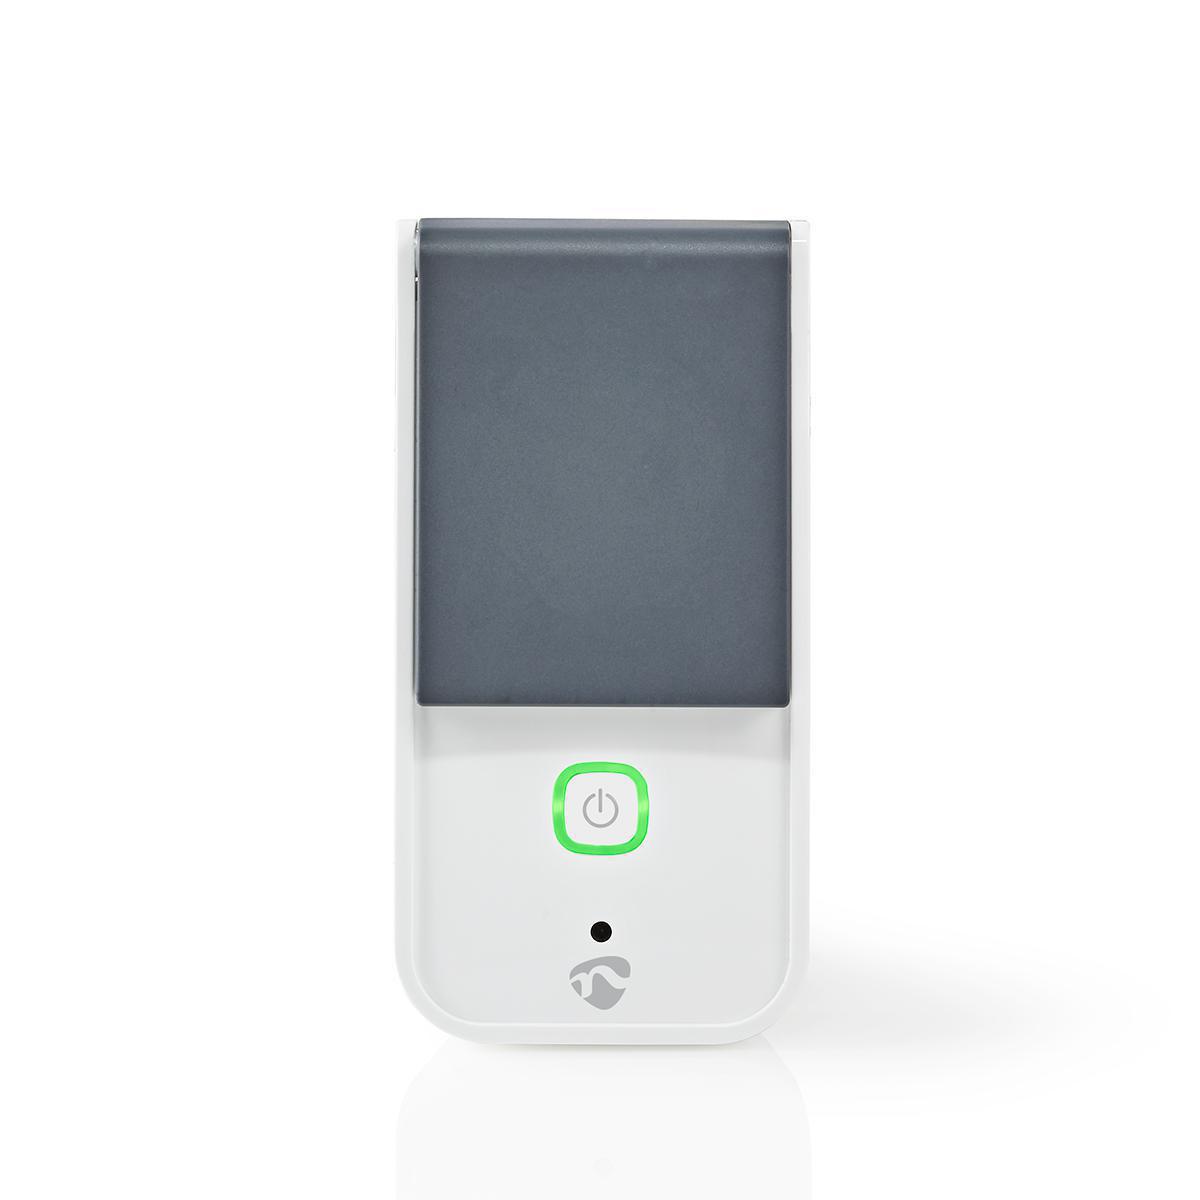 Controle remotamente qualquer dispositivo externo, simplesmente conectando-o a esse soquete inteligente sem fio e conectando seu smartphone ou tablet ao seu roteador Wi-Fi. Fácil de configurar Você realmente não precisa ser um milagre técnico ou eletricis